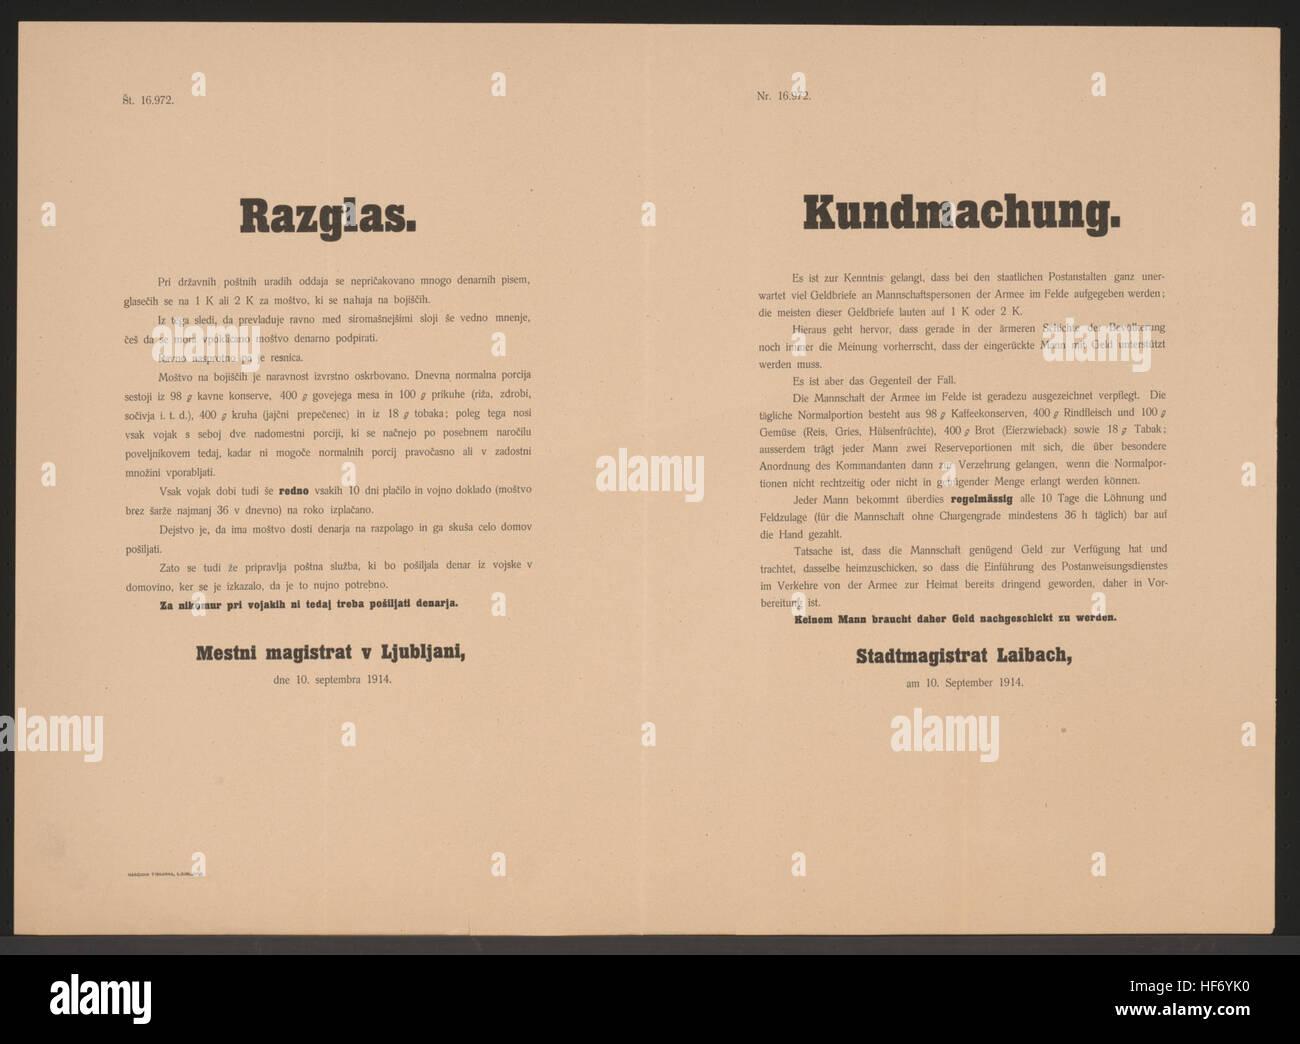 Zur Kenntnis gekommen, dass Geldbriefe an Mannschaftspersonen gesendet wurden - Nicht notwendig - Ausgezeichnete Verpflegung der Armee im Felde - Beschreibung einer Normalportion - Regelmäßige Entlohnung - Keinem Mann braucht daher Geld nachgeschickt zu werden - Stadtmagistrat Laibach, am 10. September 1914 - 16.972 Versorgung der Truppen - Kundmachung - Laibach - Mehrsprachiges Plakat 1914 Stock Photo